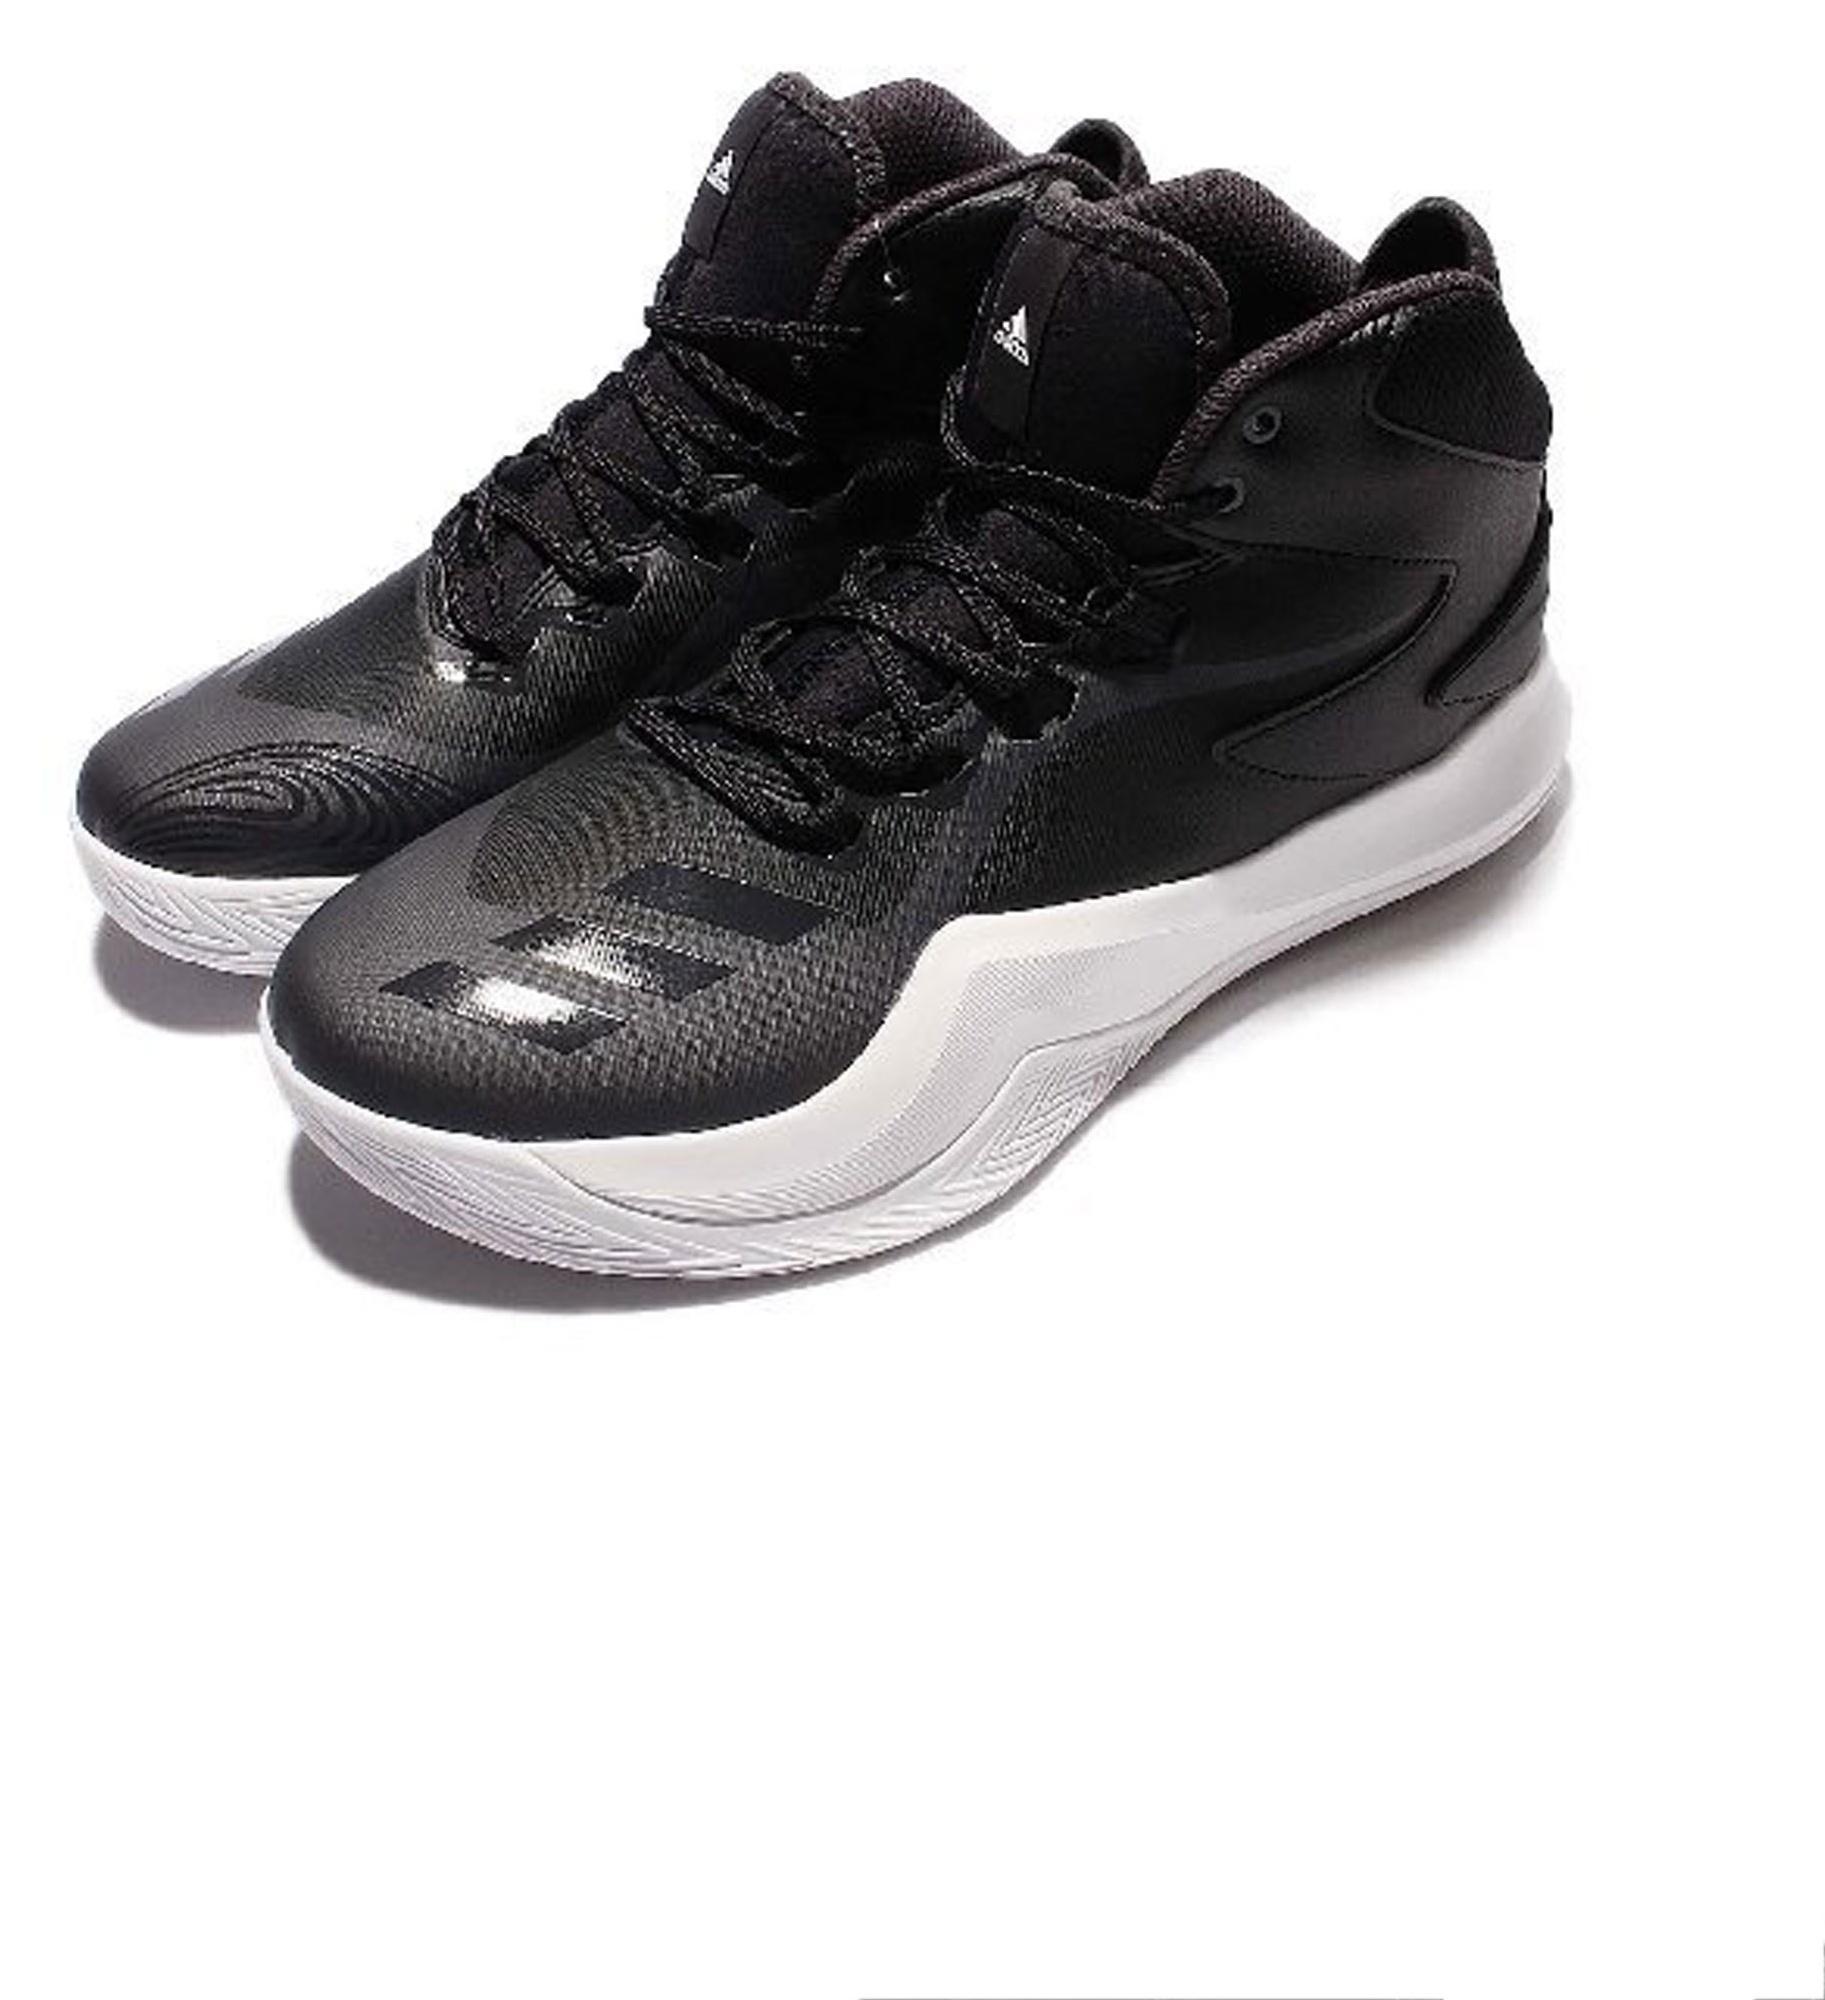 مشخصات، قیمت و خرید کفش بسکتبال مردانه